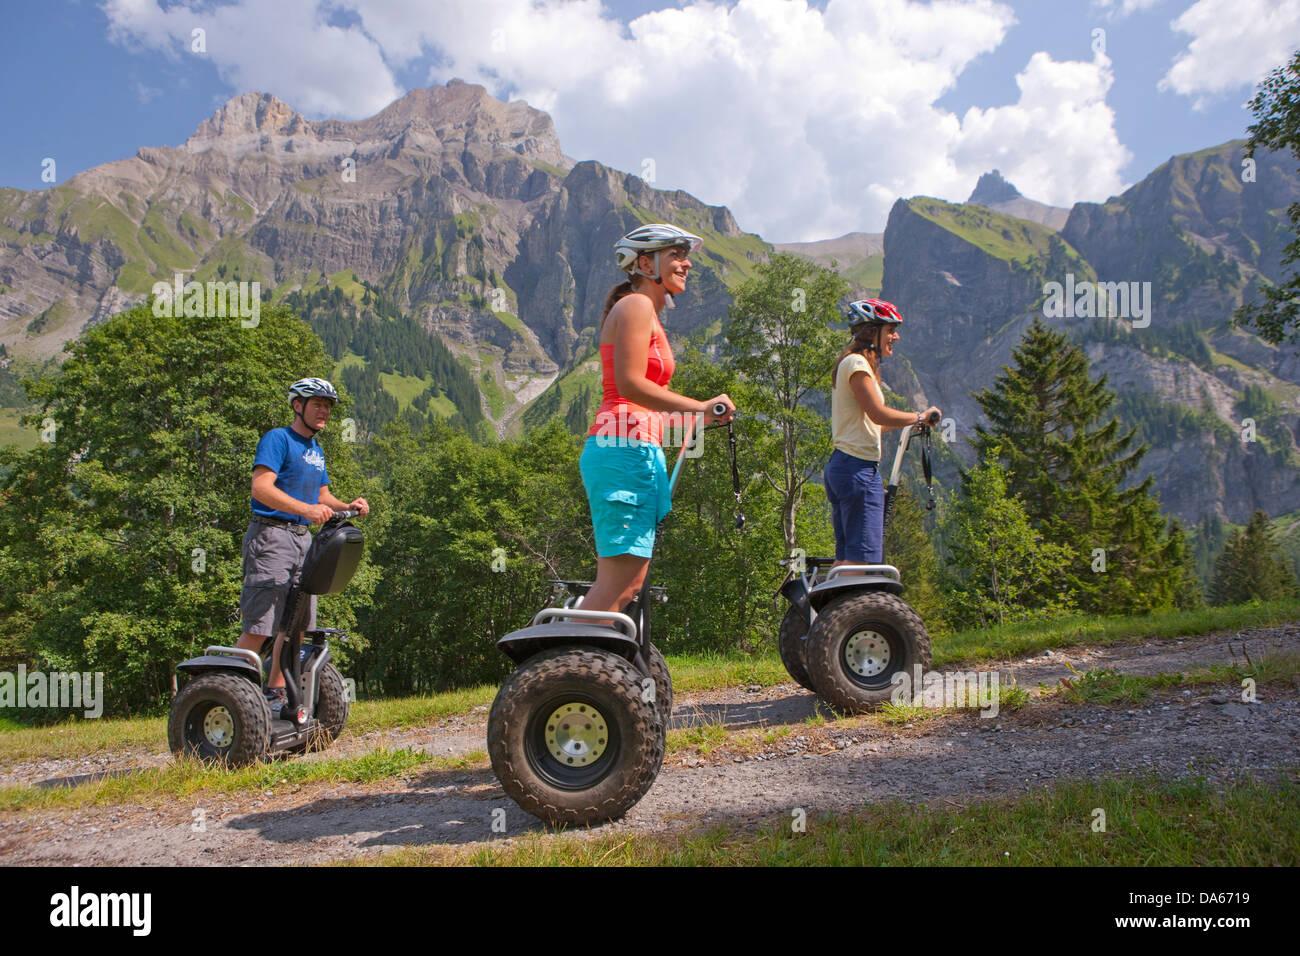 Segway, a due ruote, veicolo, personal transporter, drive, Adelboden, sentiero, passeggiate, escursioni, trekking, Immagini Stock